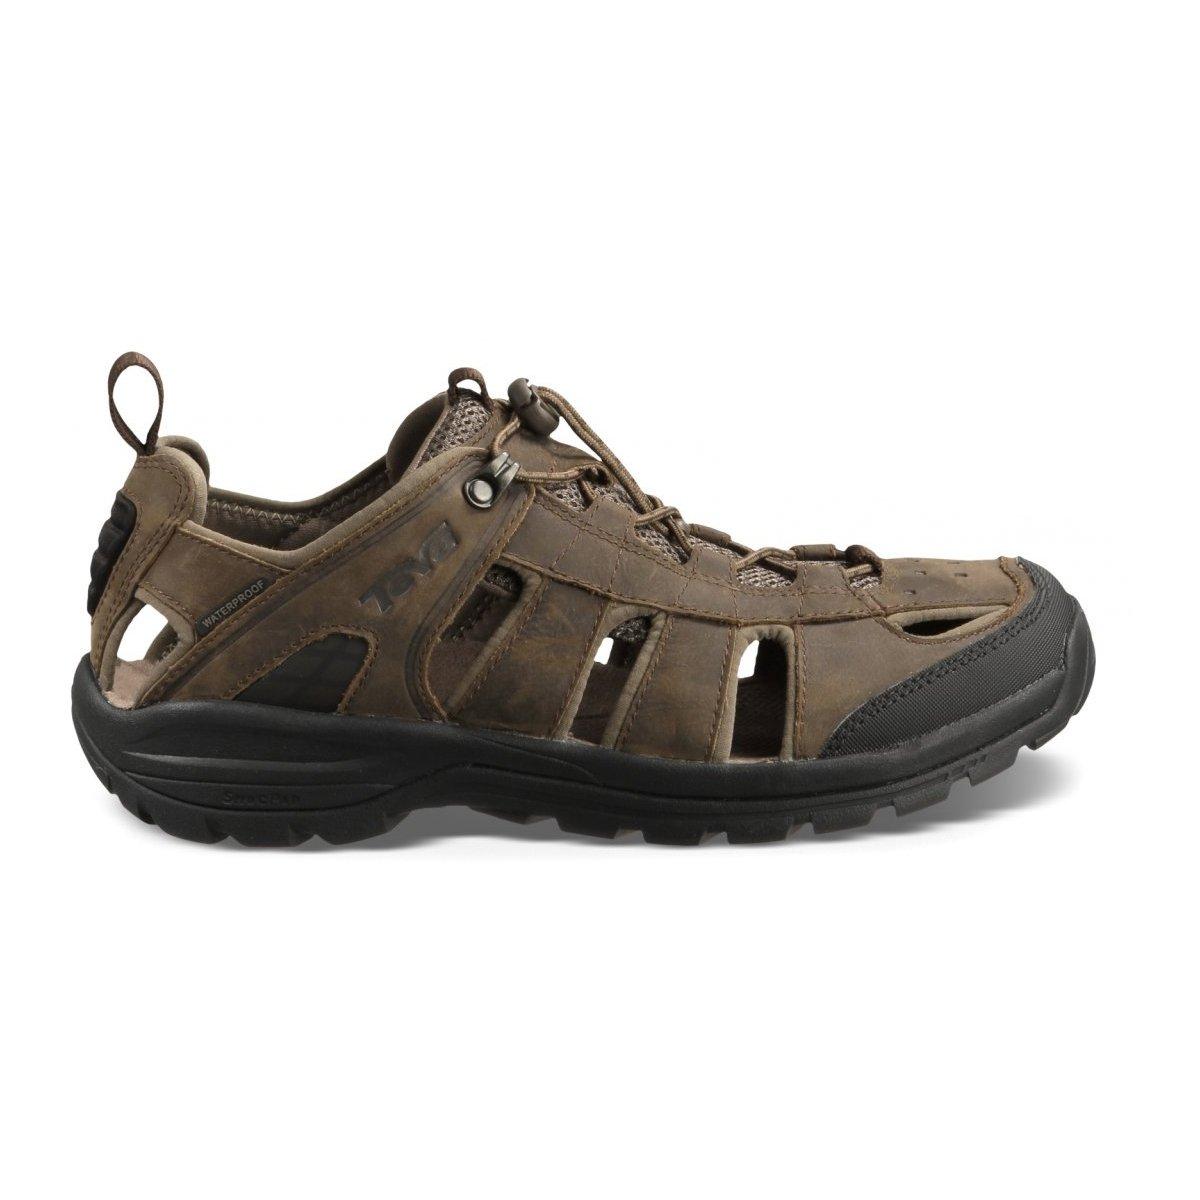 b85ce9ba63949 Teva Kimtah Sandal Leather TE.1003999-TKCF - ParagonShop